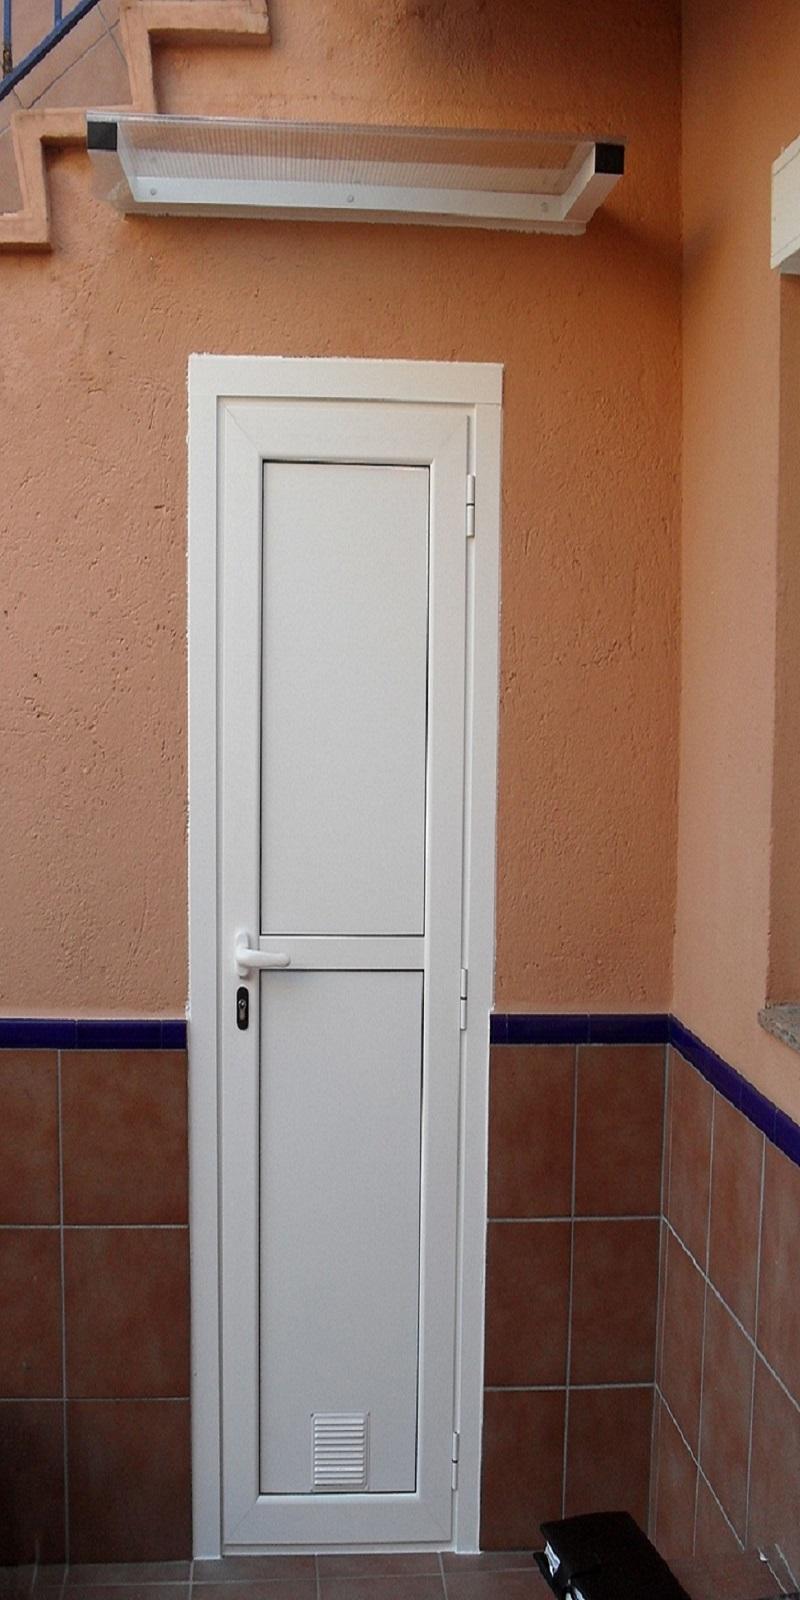 Ver Puertas De Aluminio Closet Statua Puertas Aluminio